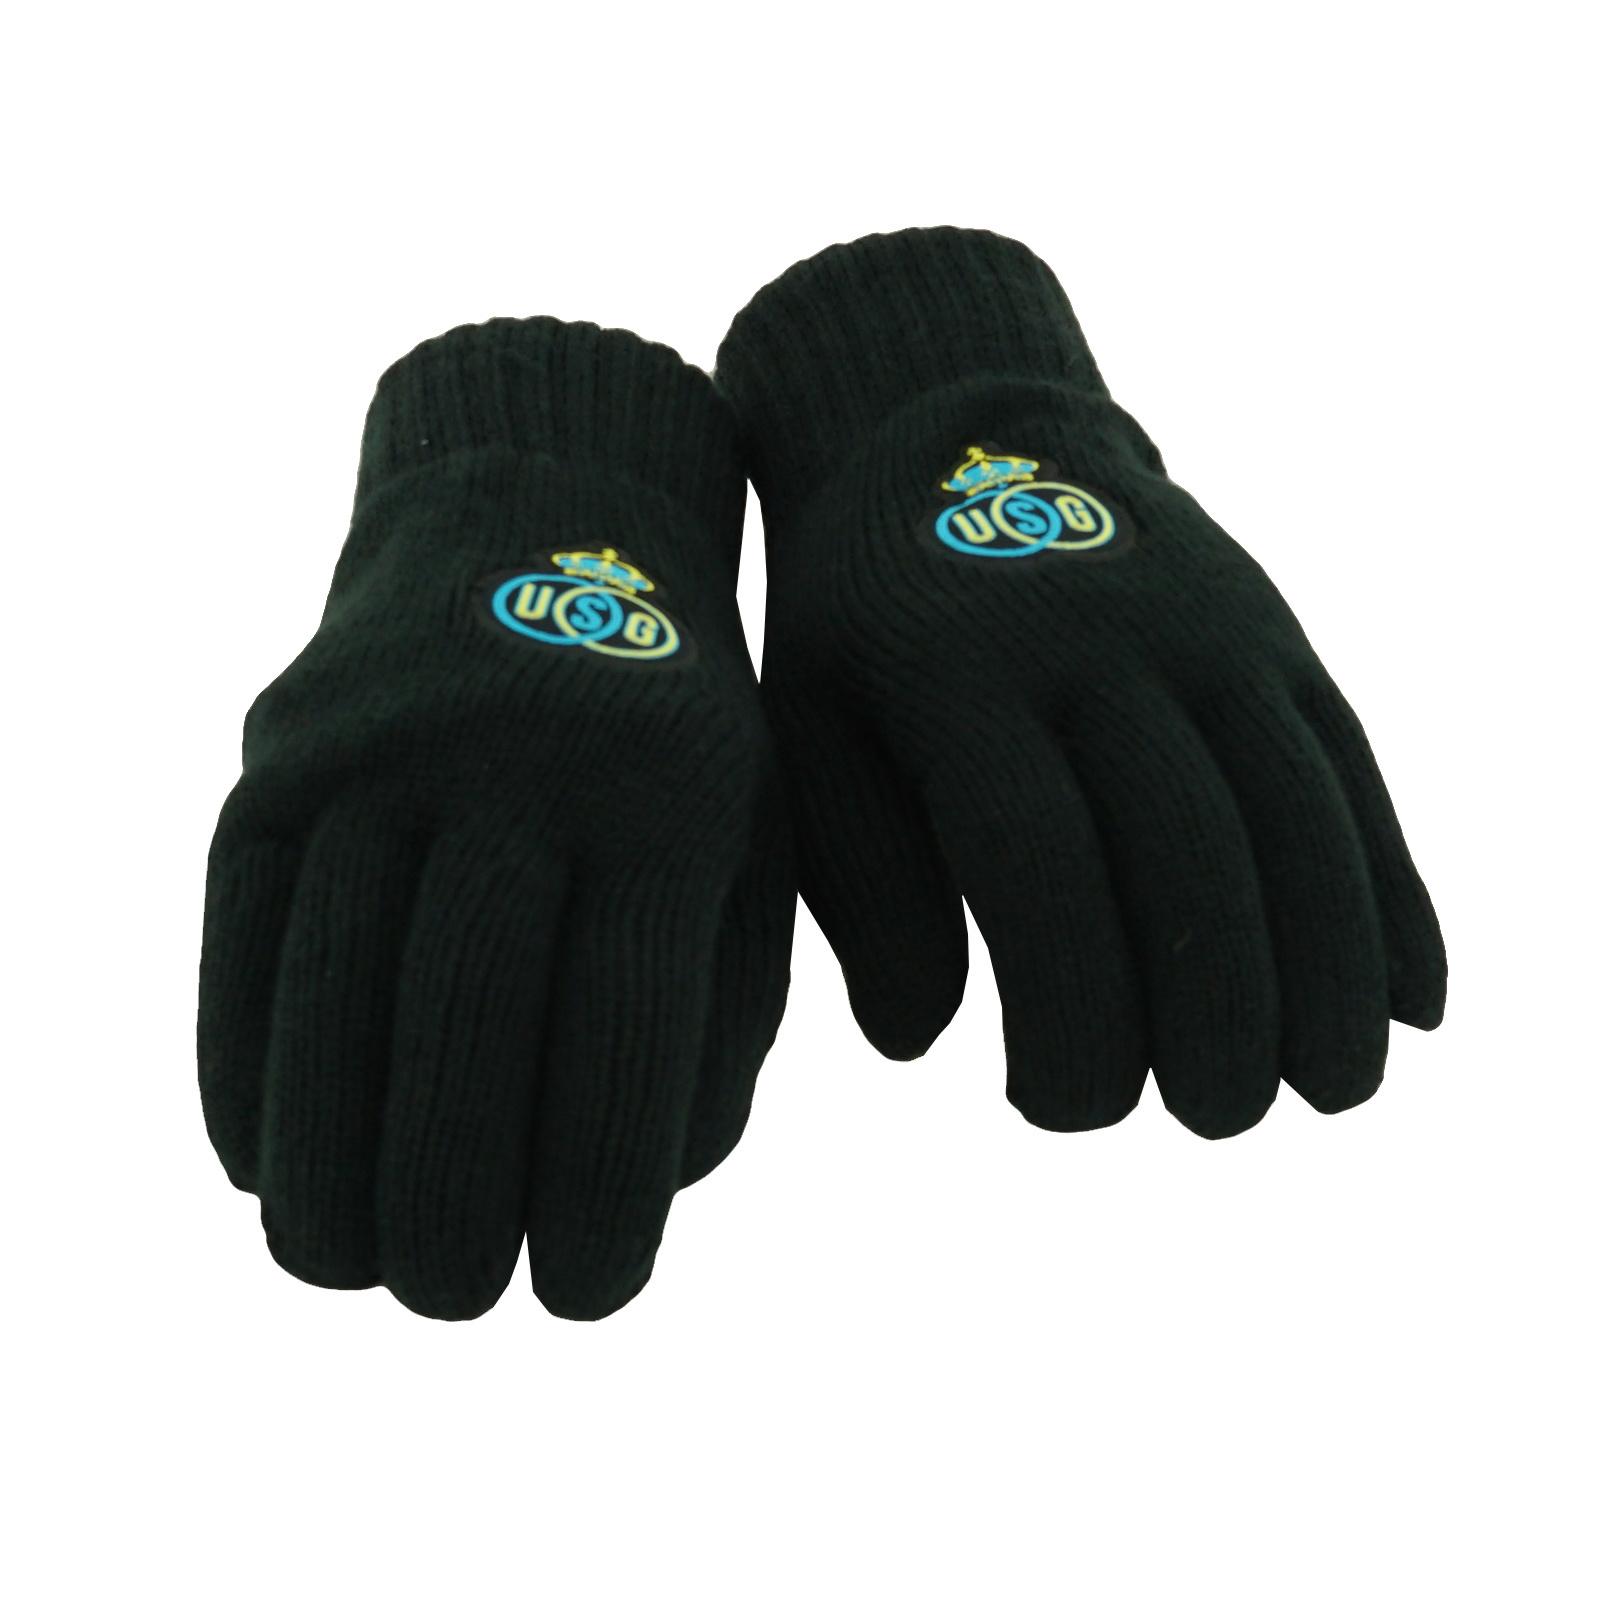 Topfanz Handschoenen zwart - S